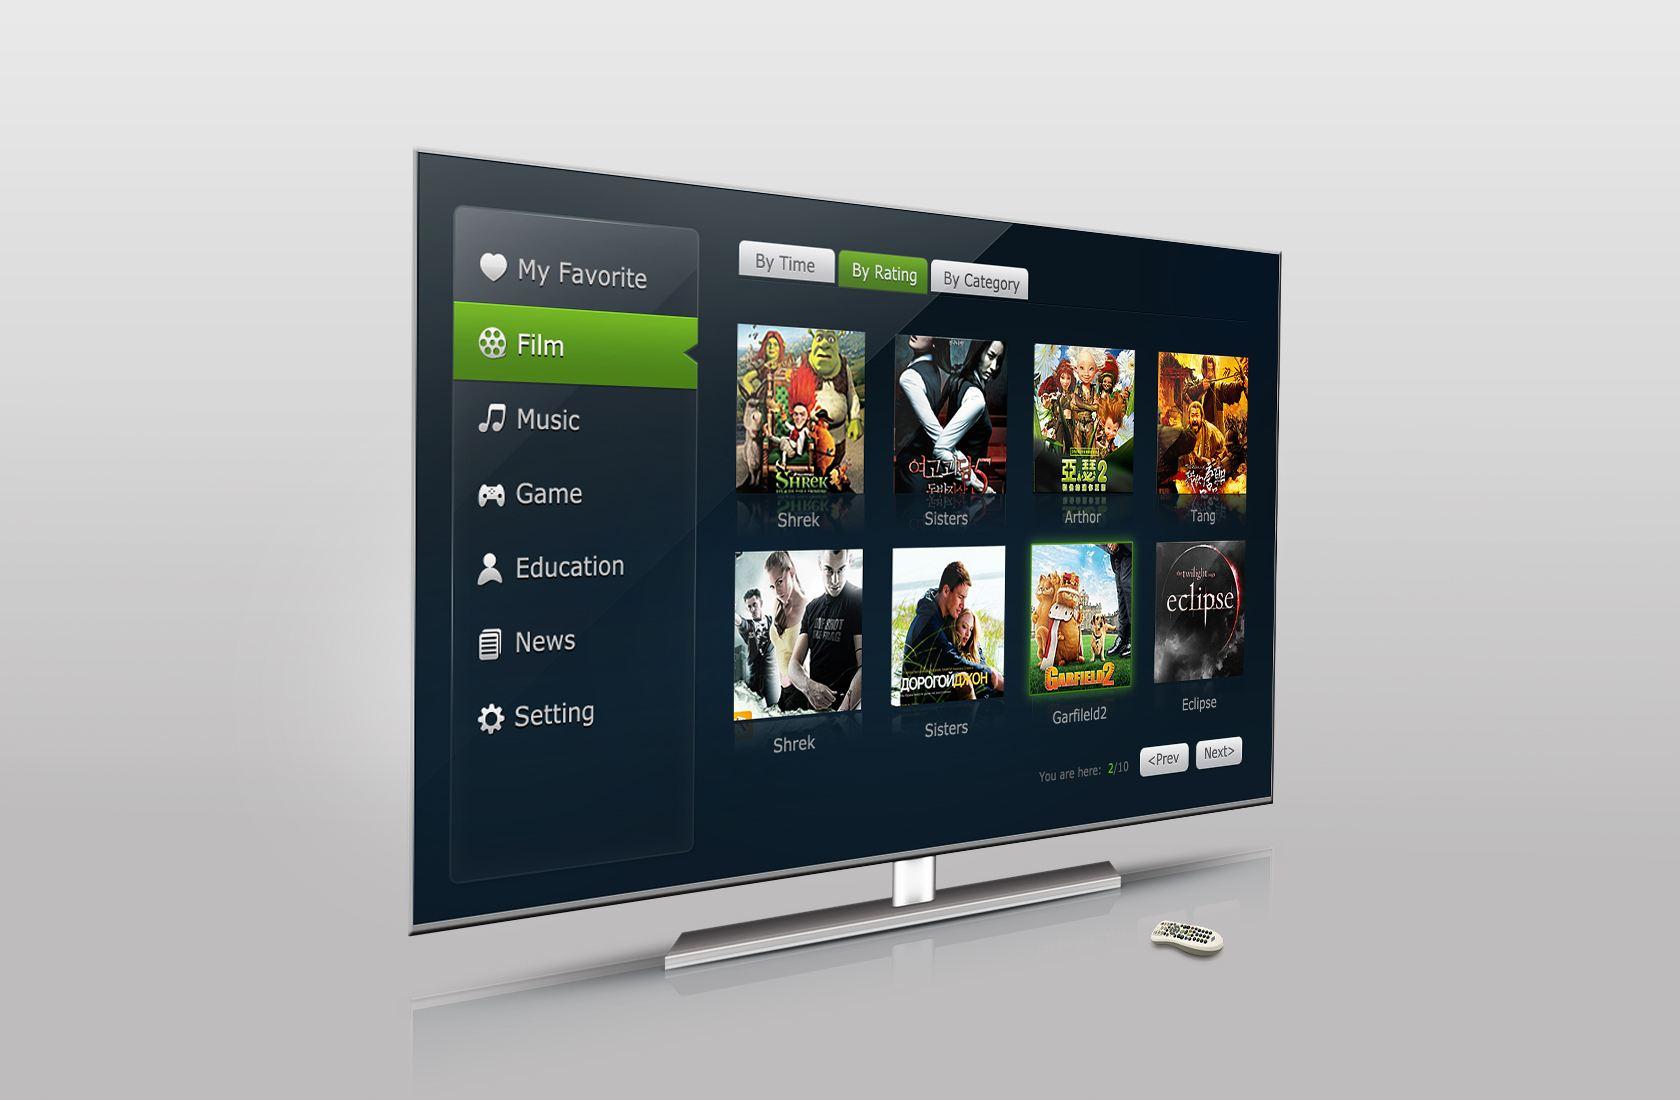 智能电视看视频卡顿 除了配置还有啥原因?